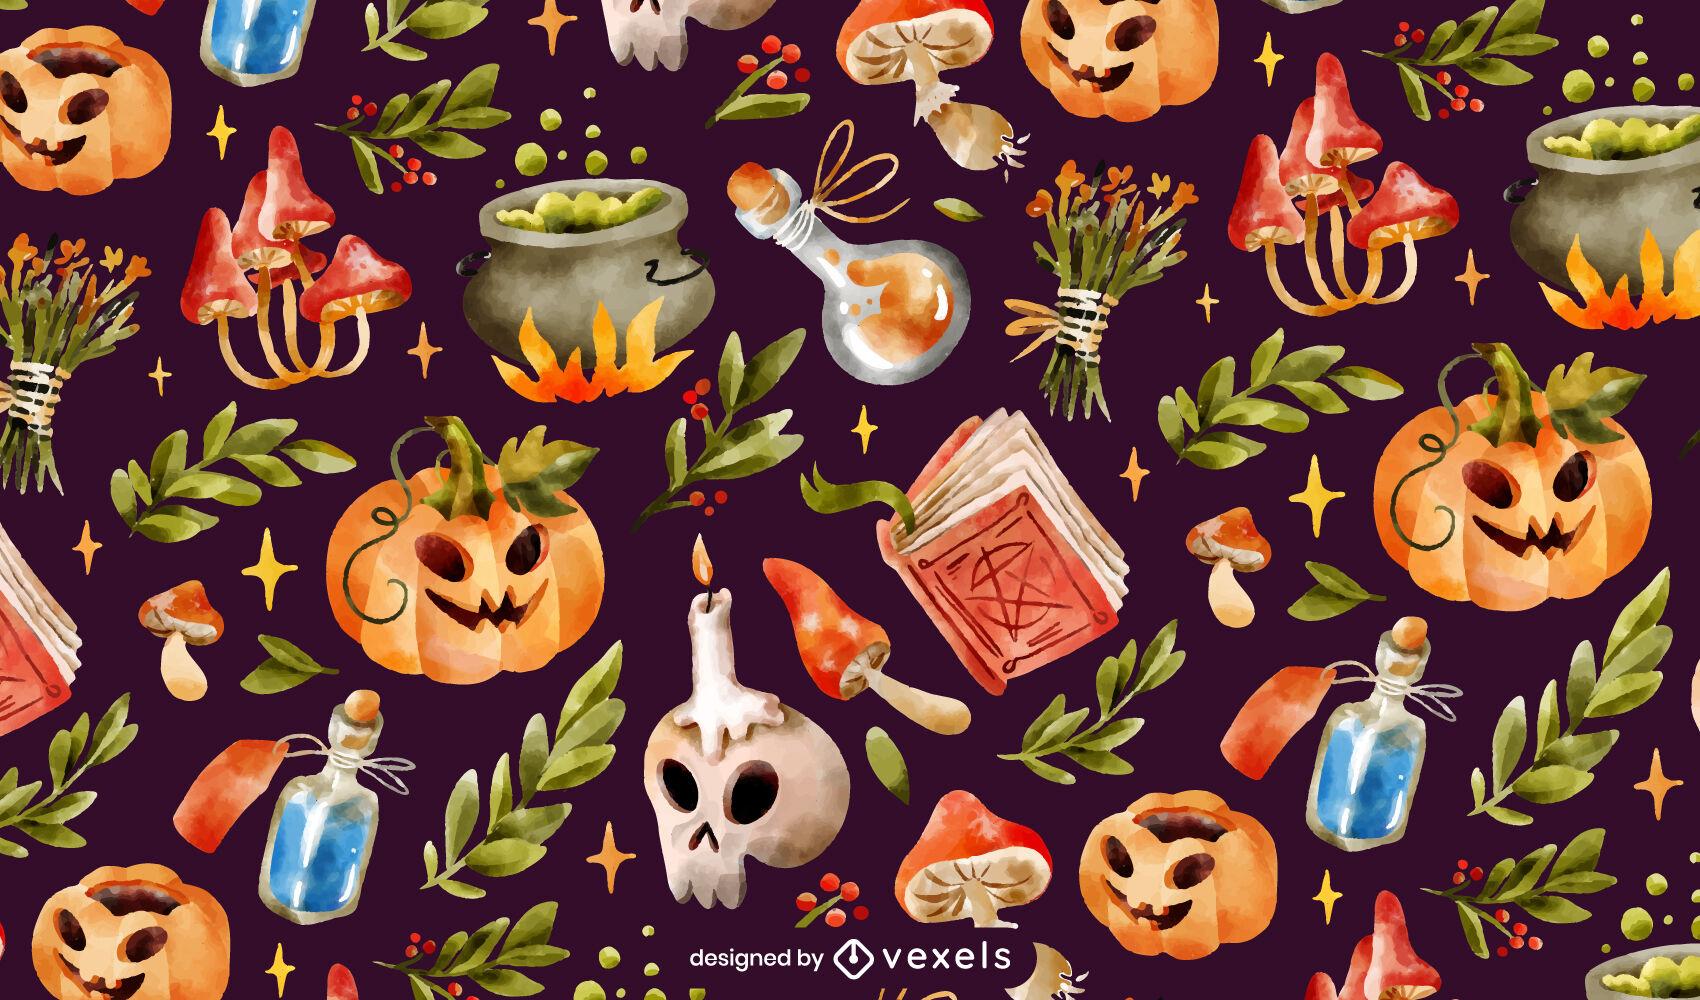 Padrão de elementos realistas de Halloween